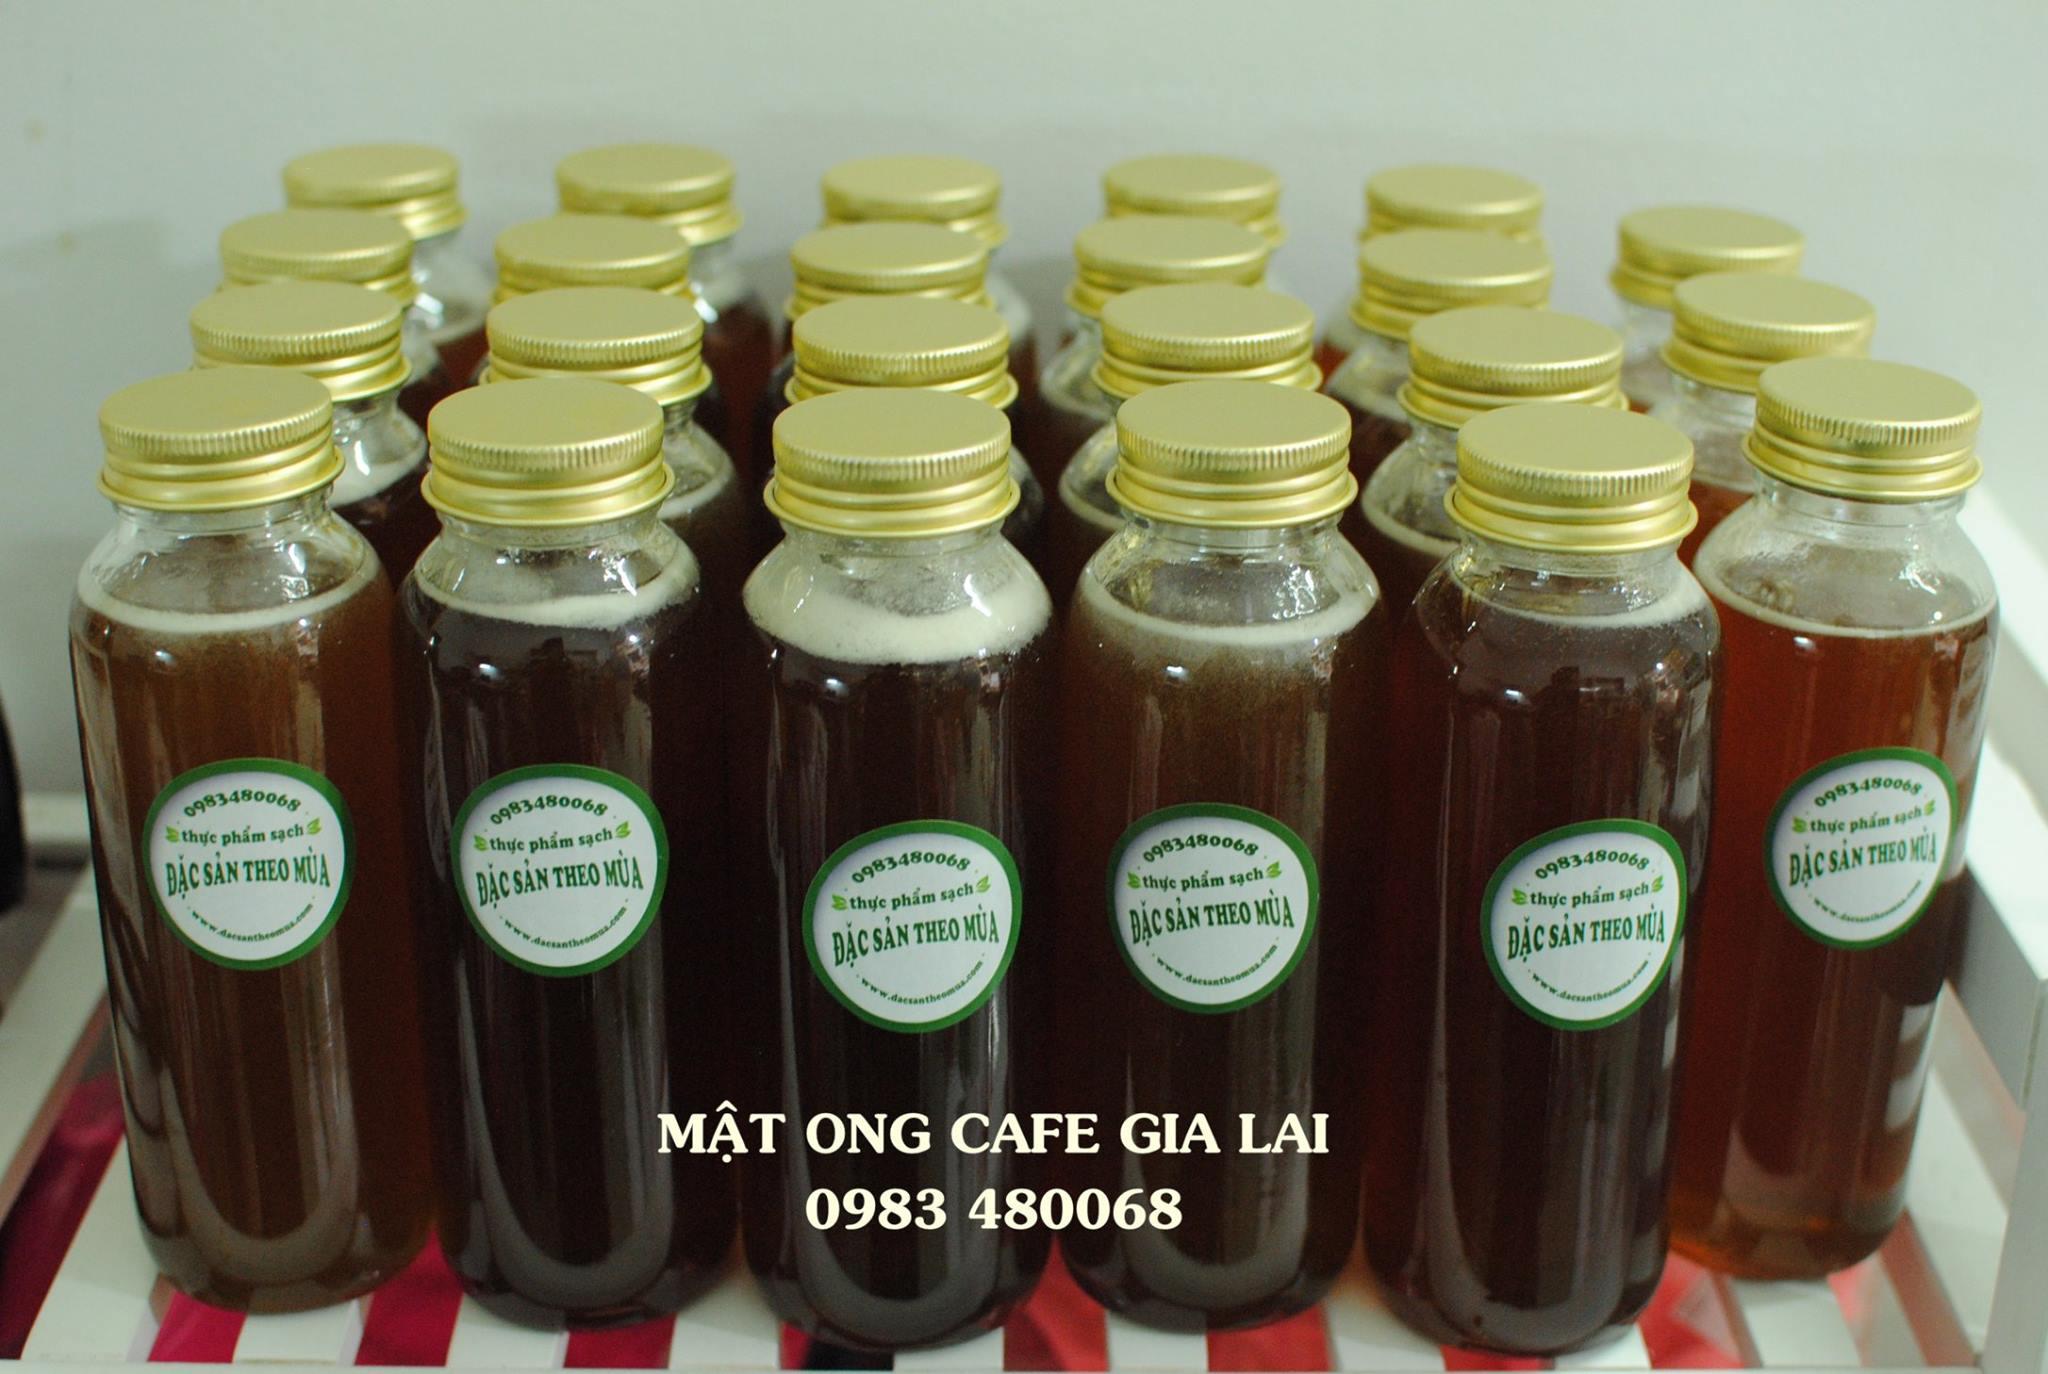 Cung Cấp Chanh Đào Tươi tại Hồ Chí Minh - 10